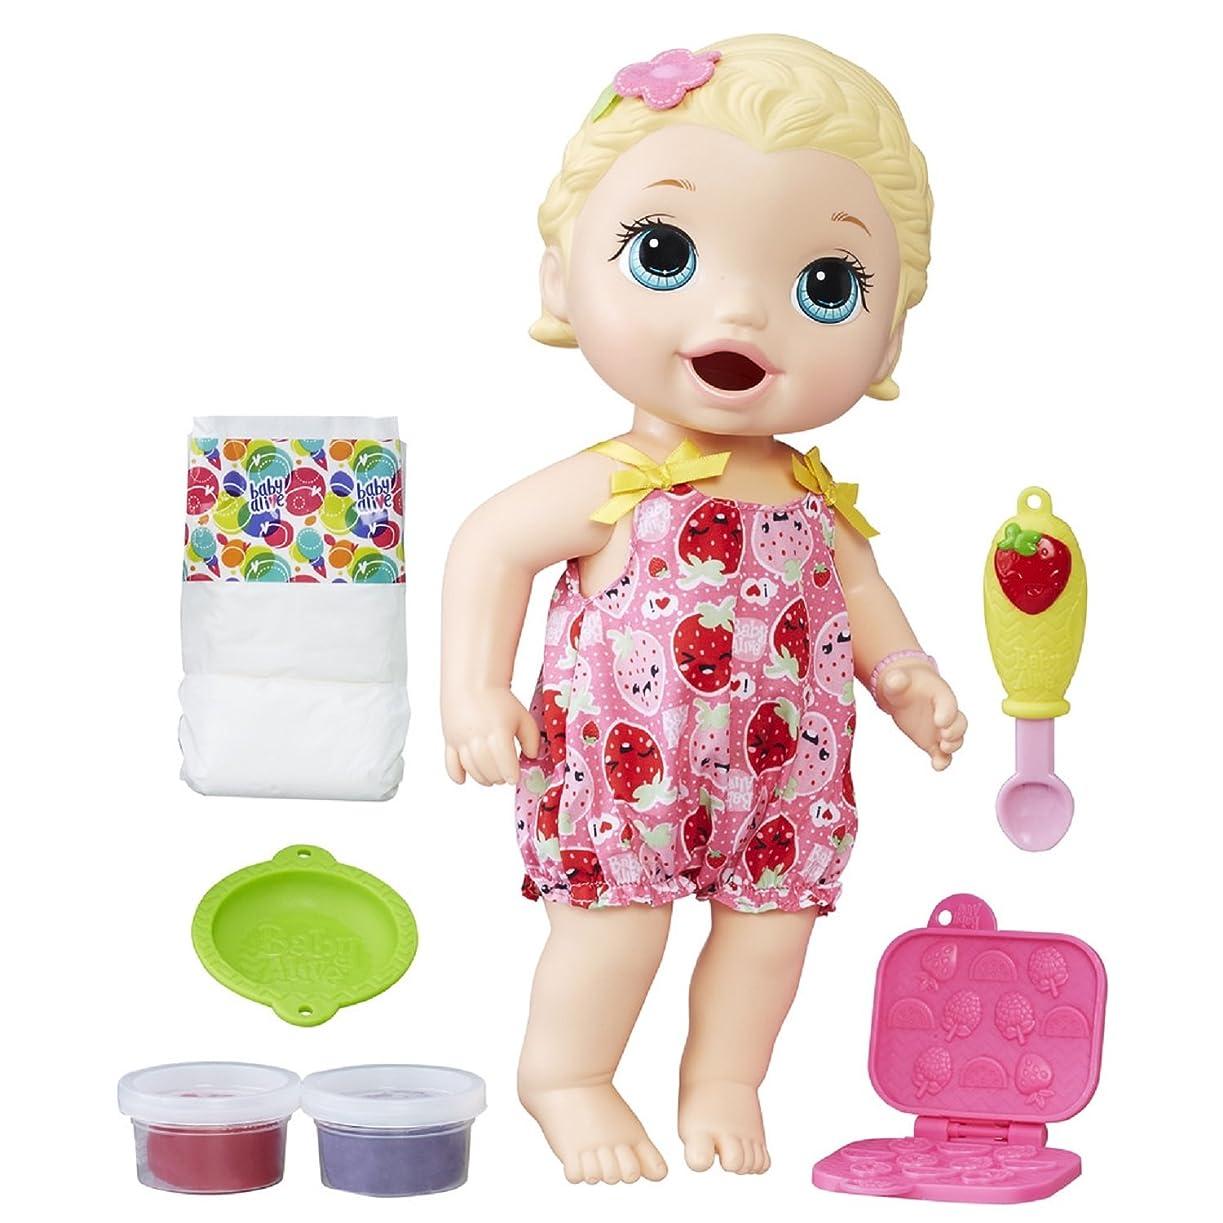 皮肉な代理店脅かすSund 人形 赤ちゃん ベビー人形 柔らかい まるで 本物 抱き人形 リボーンベビードール 赤ちゃんお世話の練習対象 選べる4タイプ タイプA